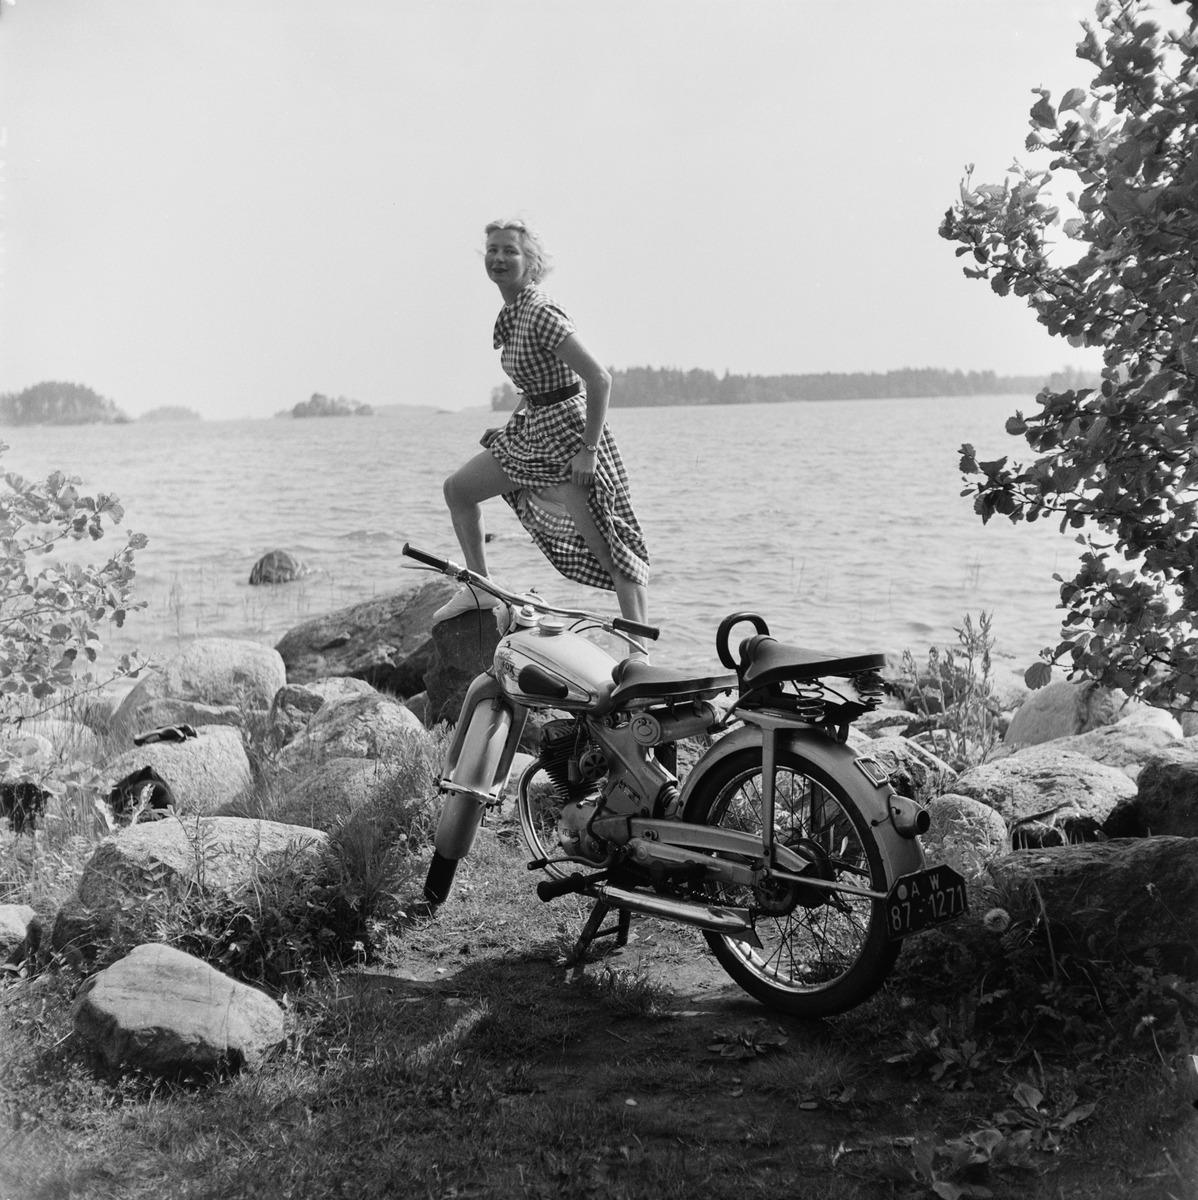 Gisela von Bonin ja saksalainen NSU Fox -moottoripyörä meren rannalla Helsingin olympialaisten aikana.